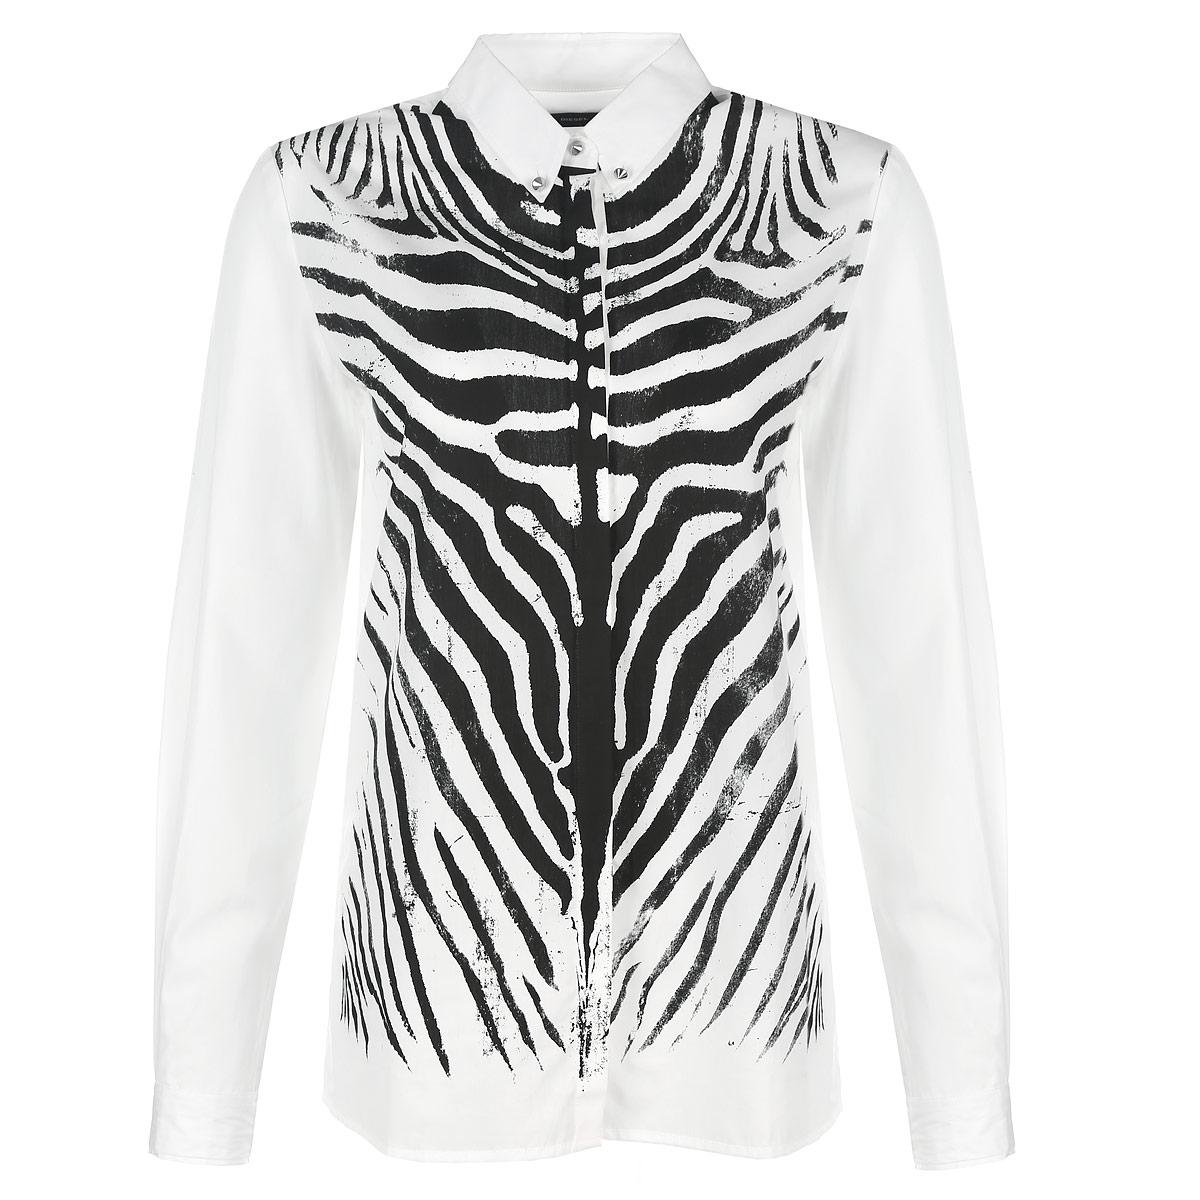 Рубашка женская Diesel, цвет: белый, черный. 00SJBL-0DAJX/100. Размер S (44)00SJBL-0DAJX/100Стильная женская рубашка Diesel, выполненная из высококачественного хлопка, очень комфортна при носке. Модель прямого кроя с длинными рукавами и отложным воротничком застегивается на пуговицы. Рубашка спереди оформлена принтом под зебру. Воротник дополнен тремя металлическими пуговицами в виде щипов. Манжеты также застегиваются на декоративные пуговицы-щипы. Такая рубашка будет дарить вам комфорт в течение всего дня и послужит замечательным дополнением к вашему гардеробу.